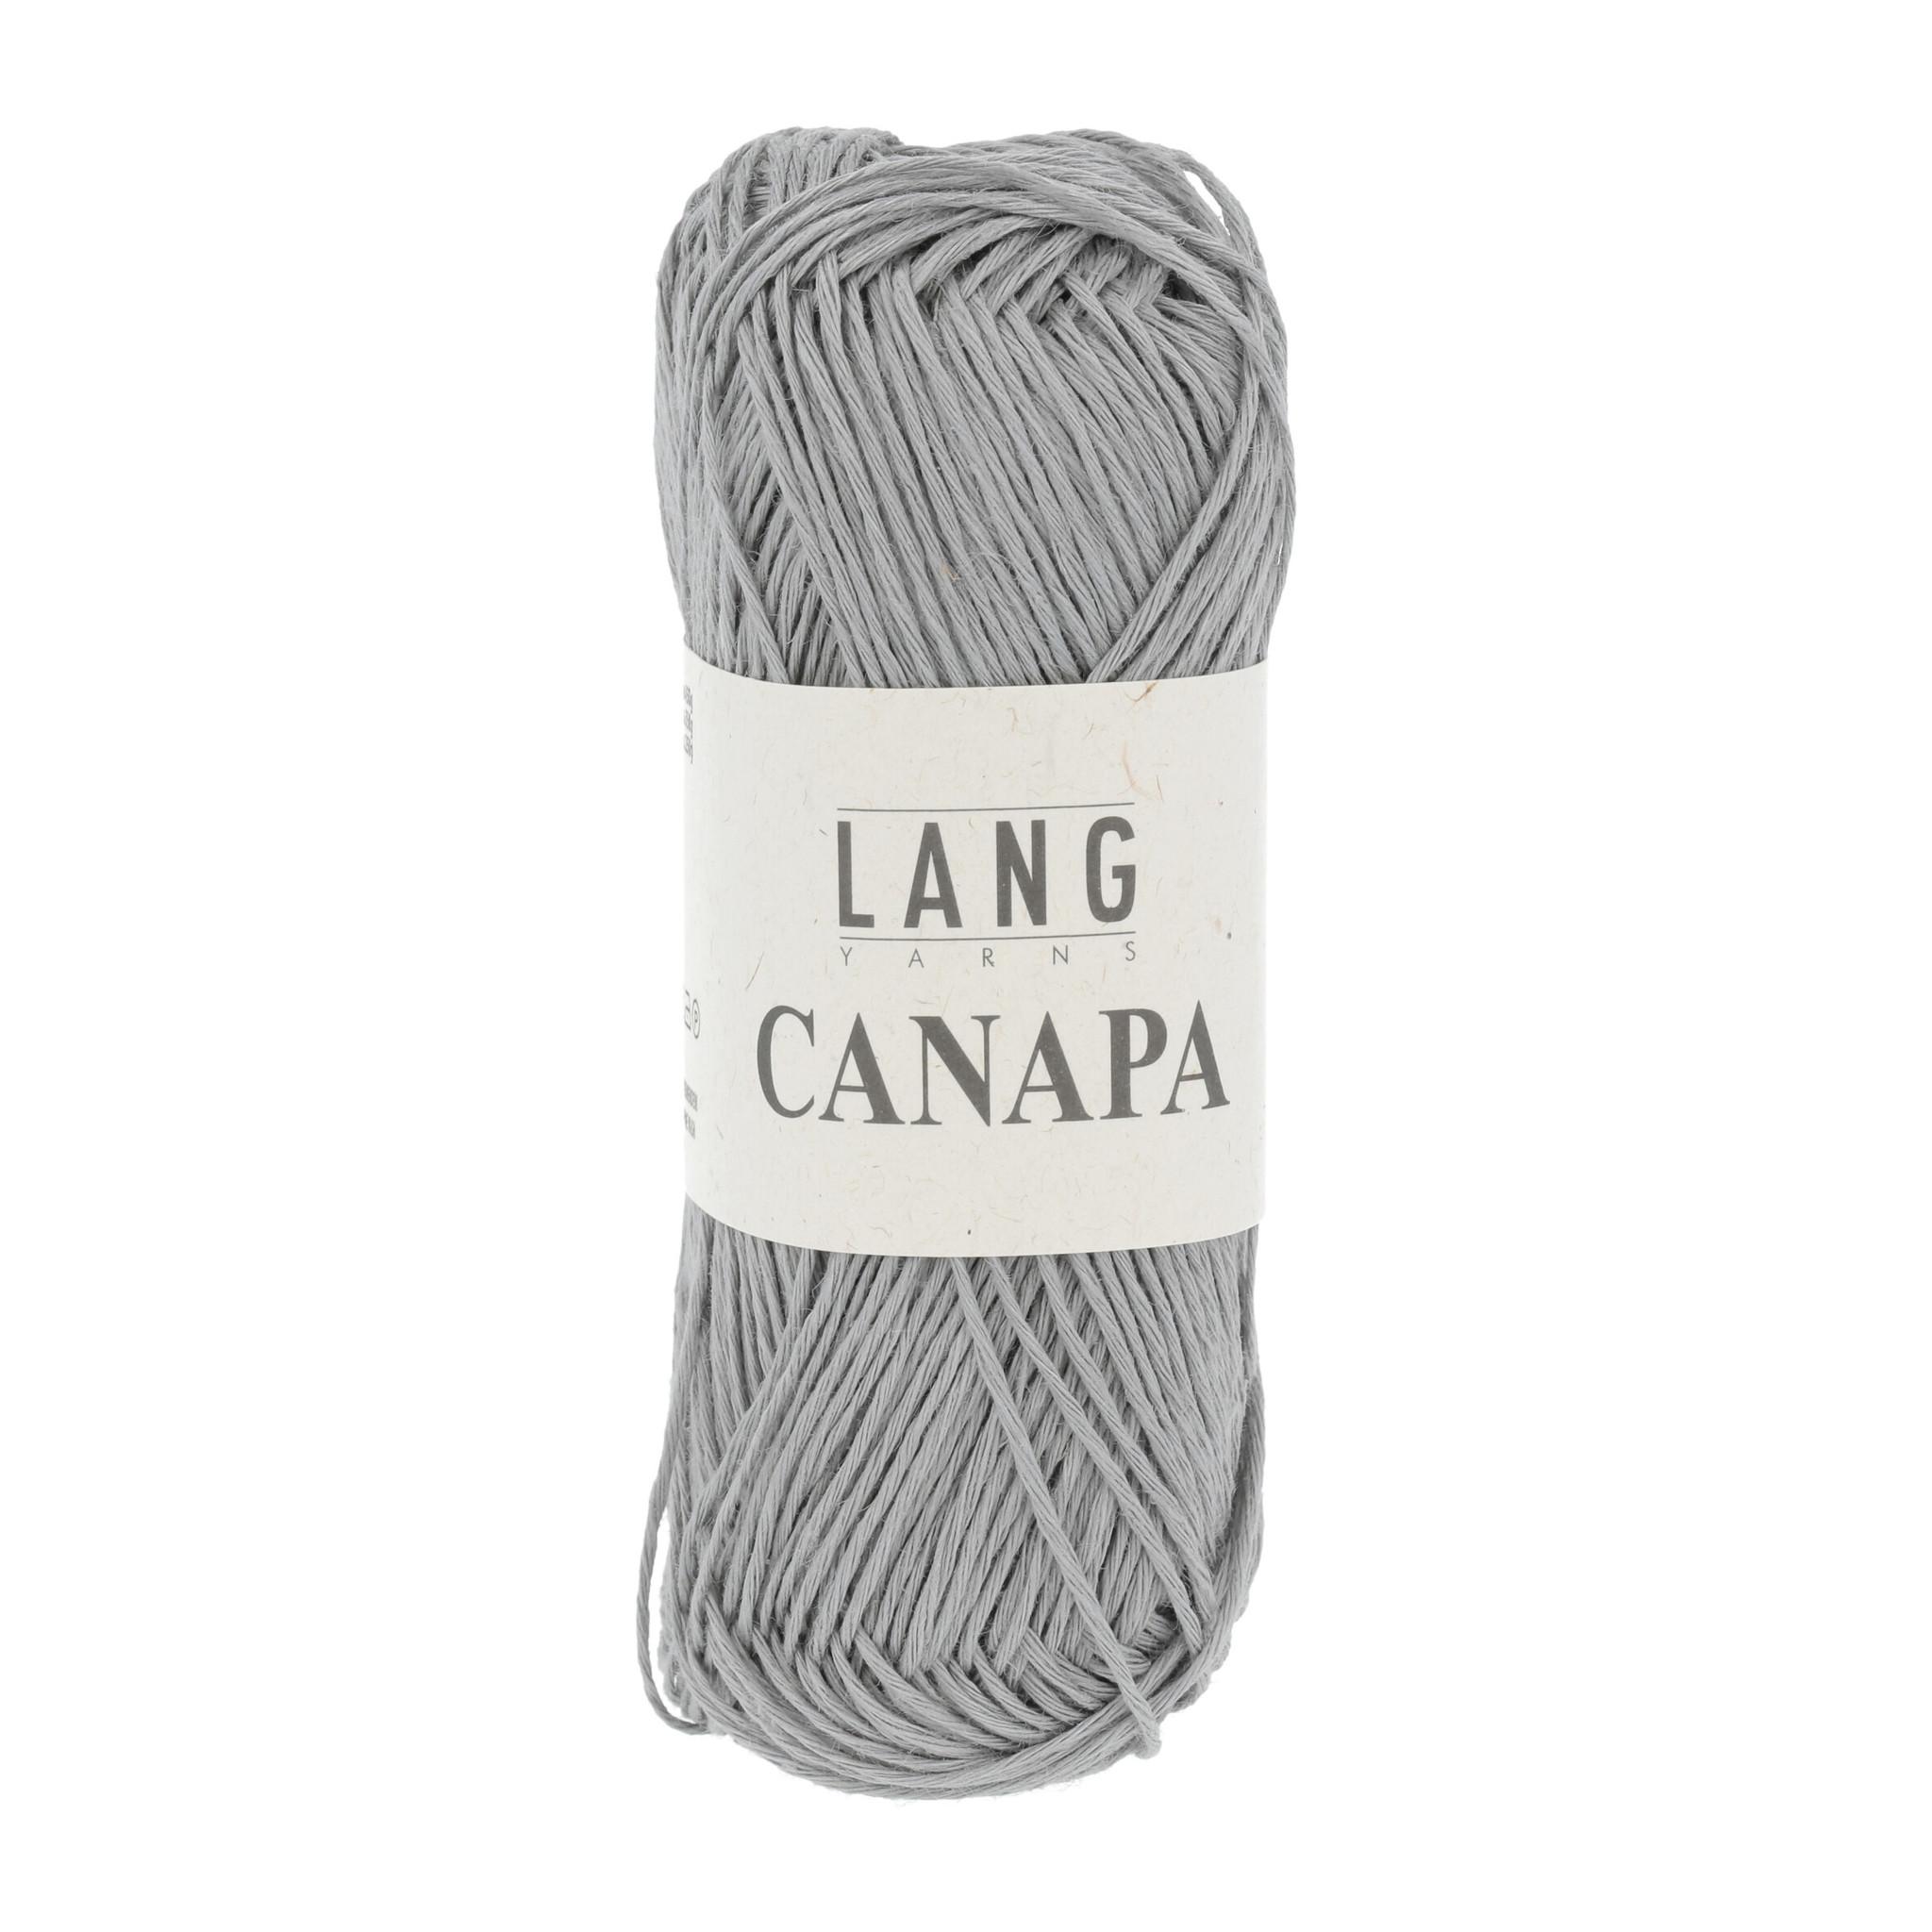 Lang Yarns Canapa - 005 - Grijs